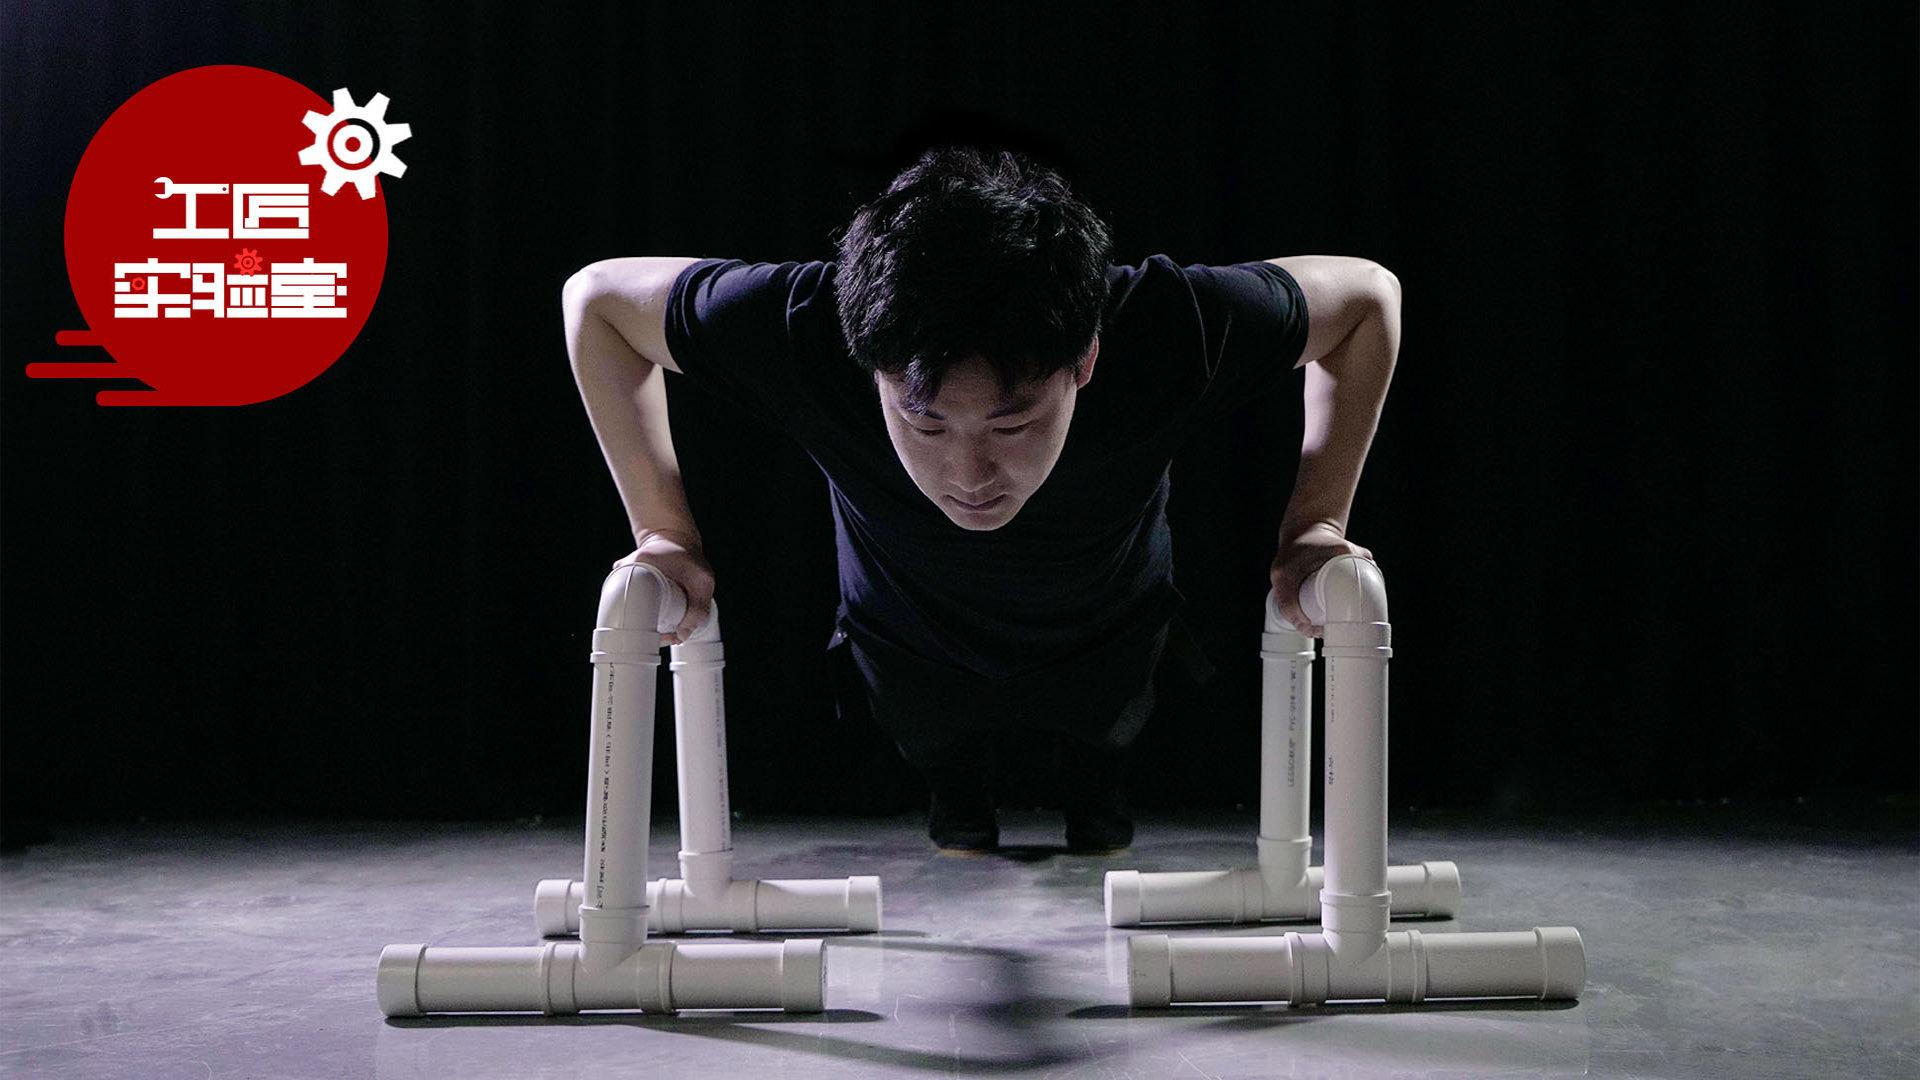 高能!这款DIY健身神器让你一分钟练出八块腹肌